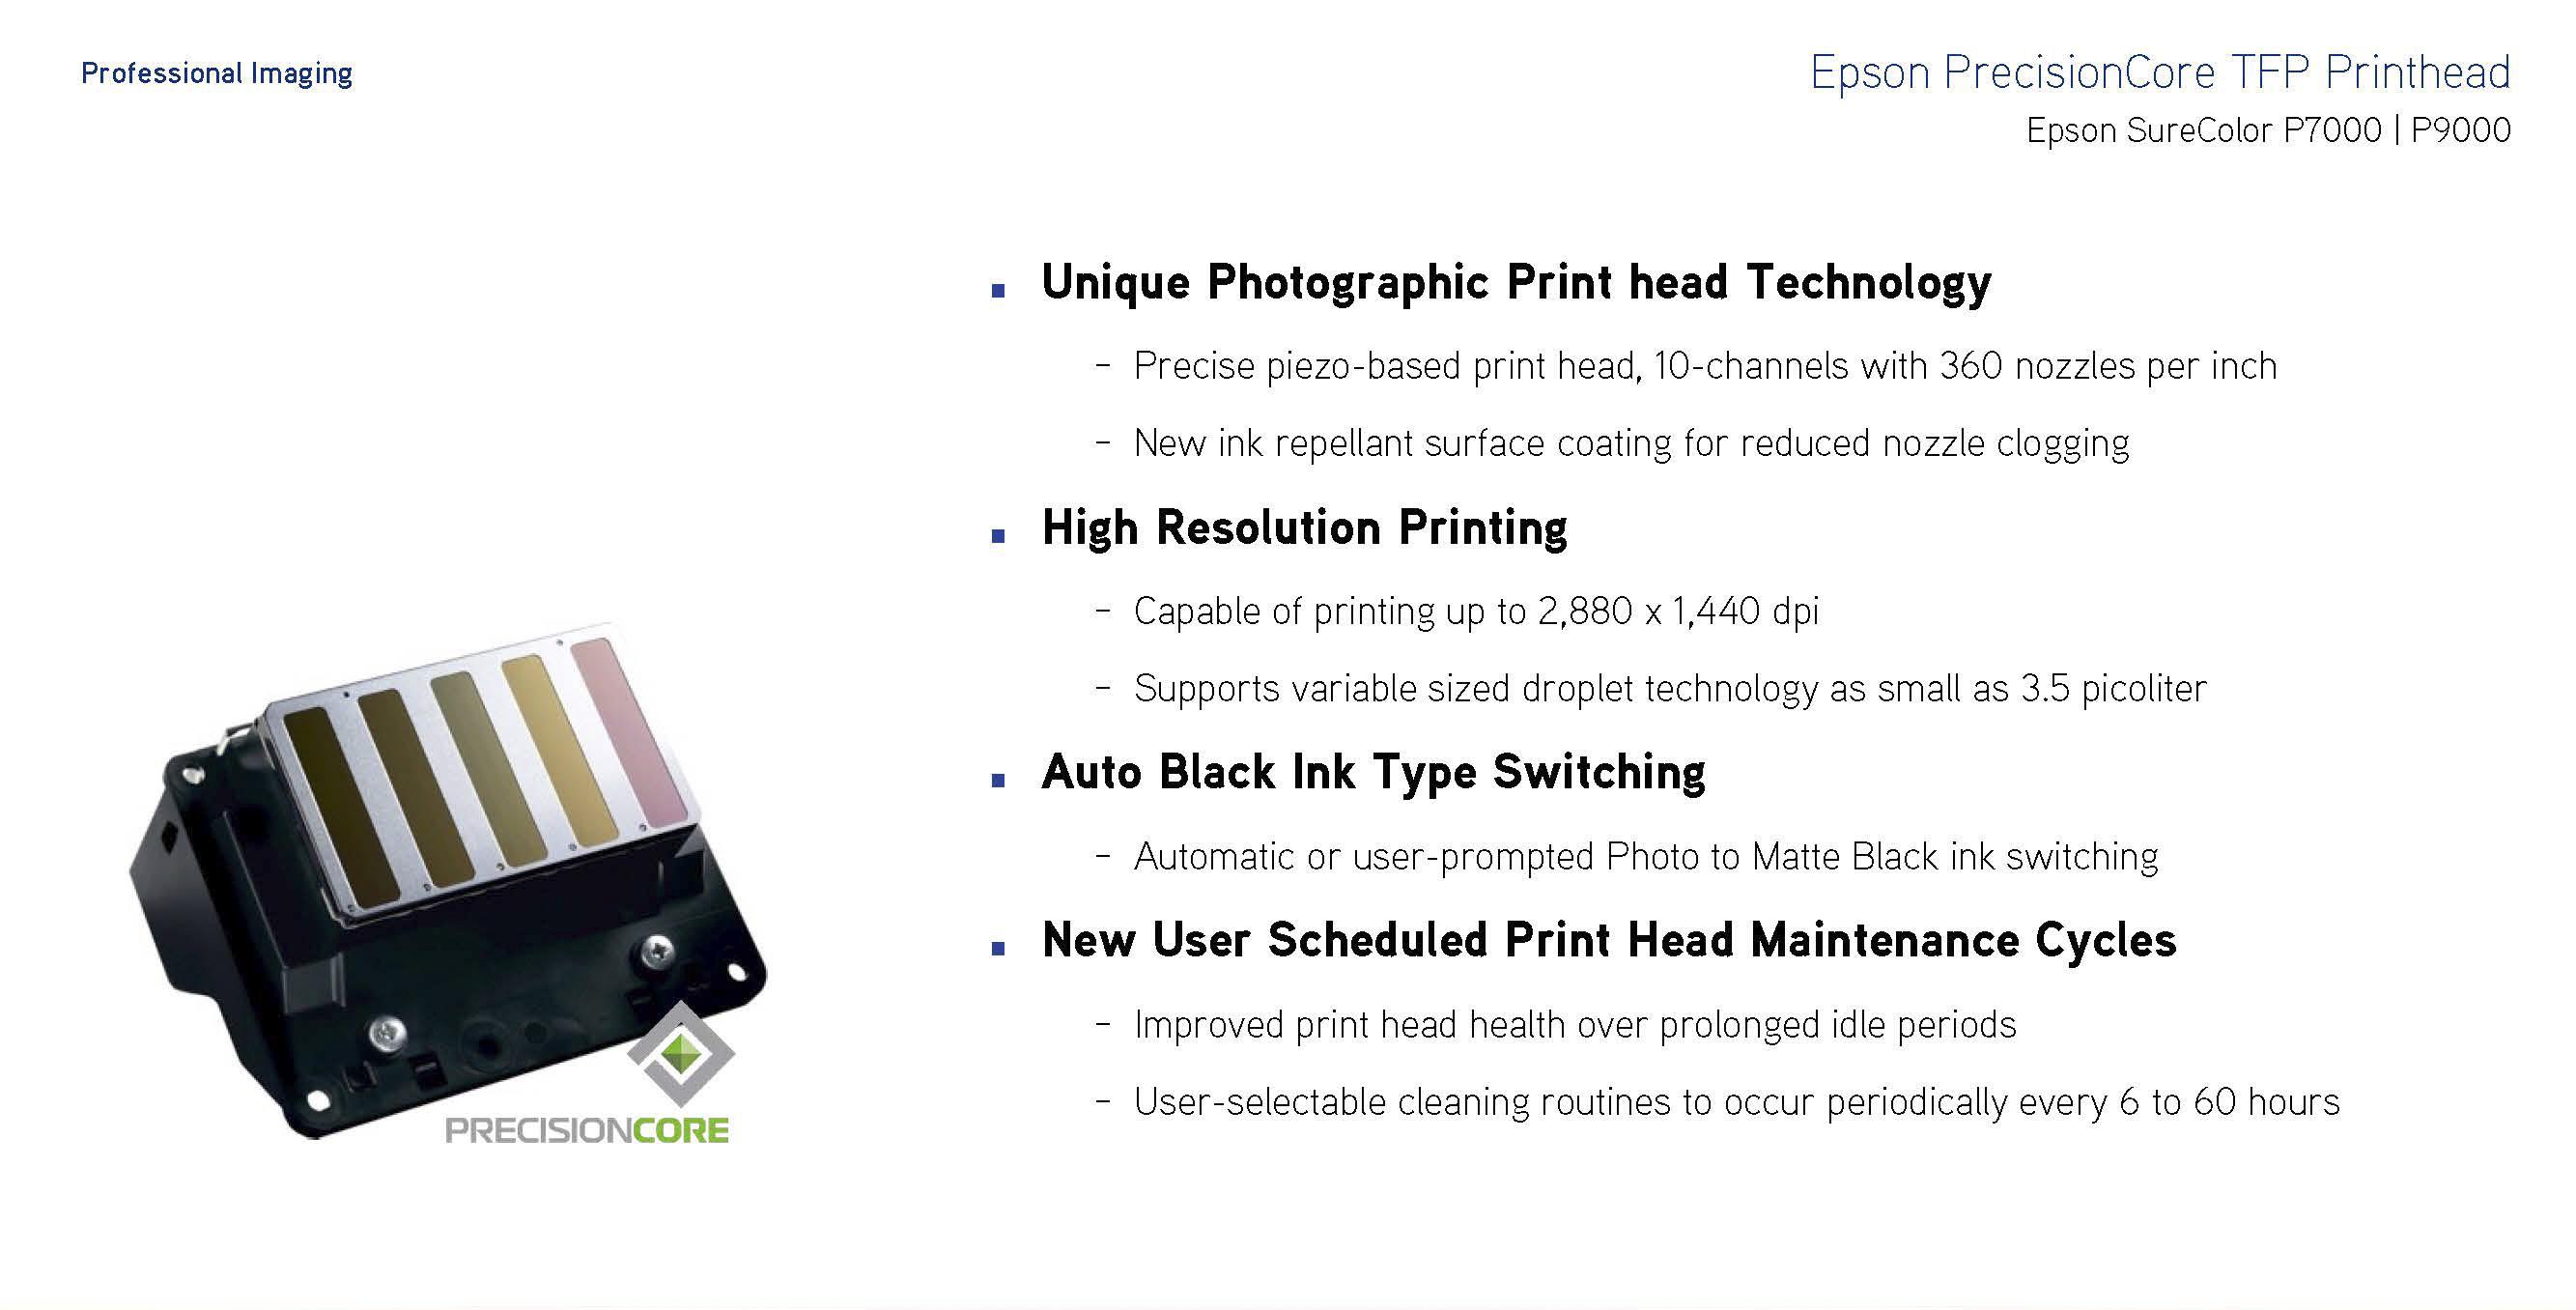 precisioncore pft printhead